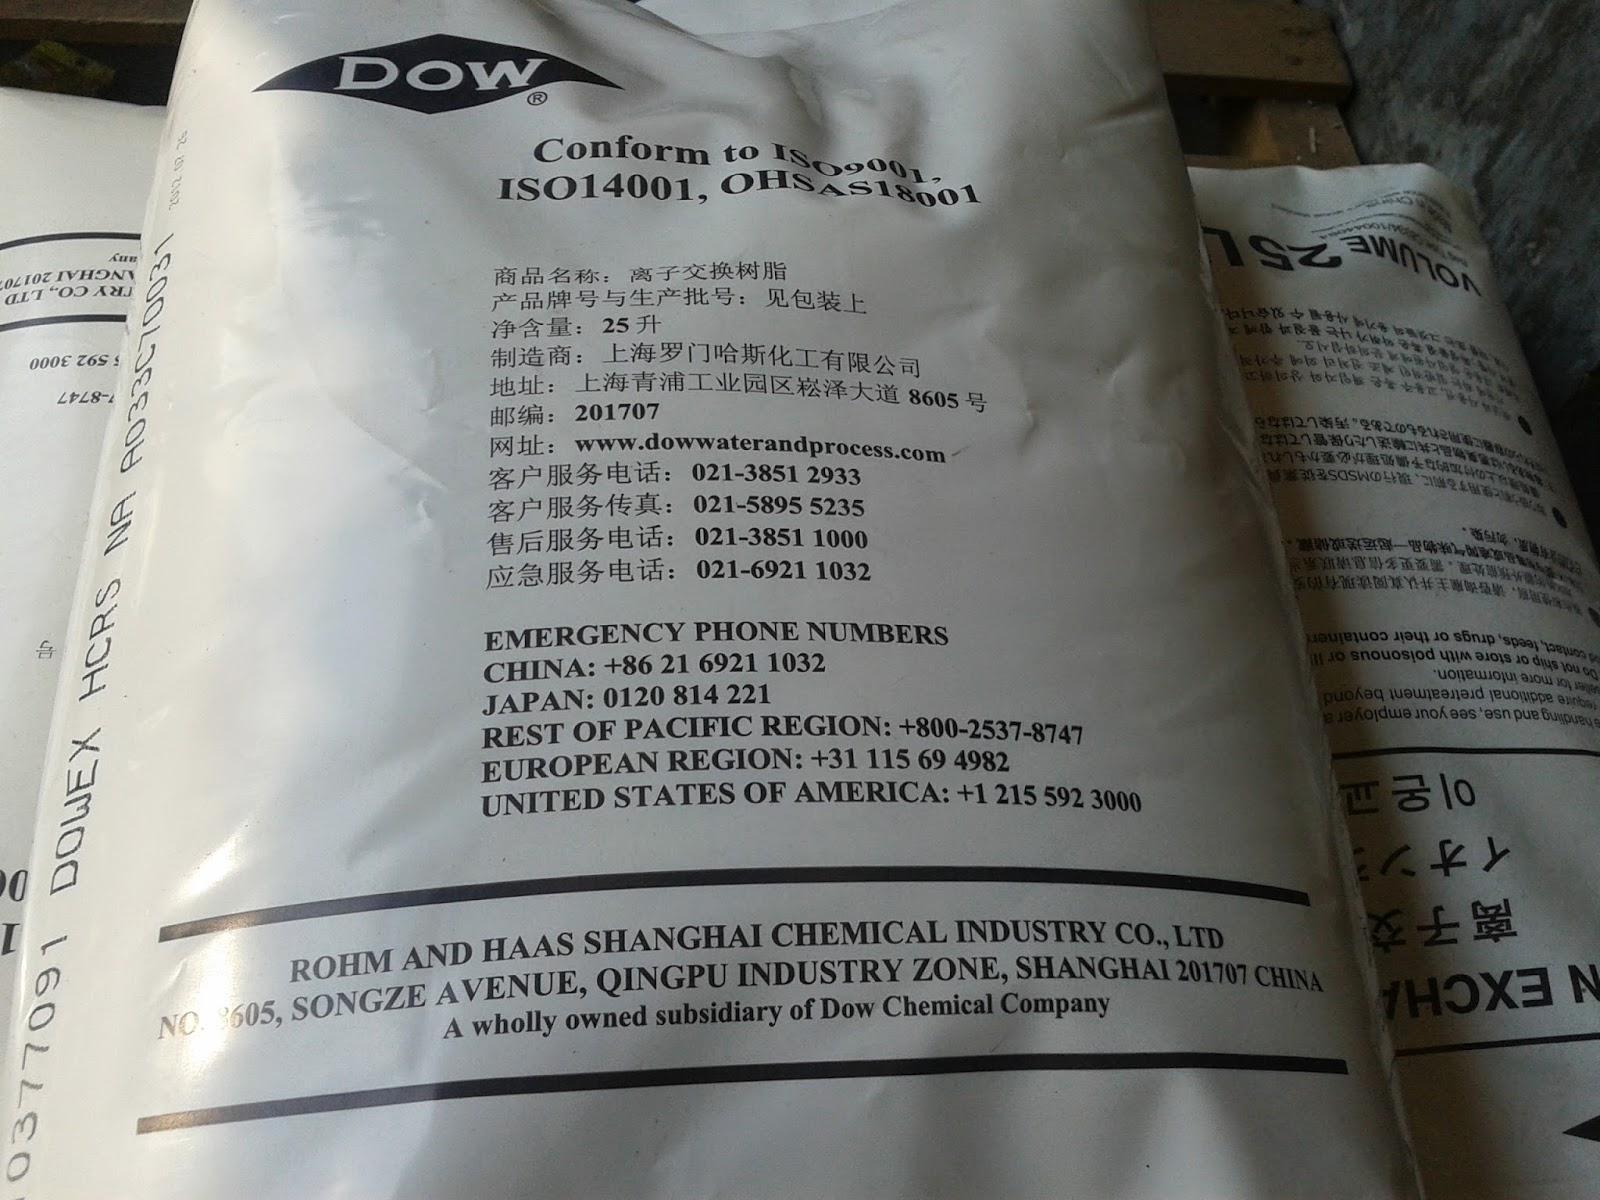 Jual Resin Dowex HCRS Di Bandung